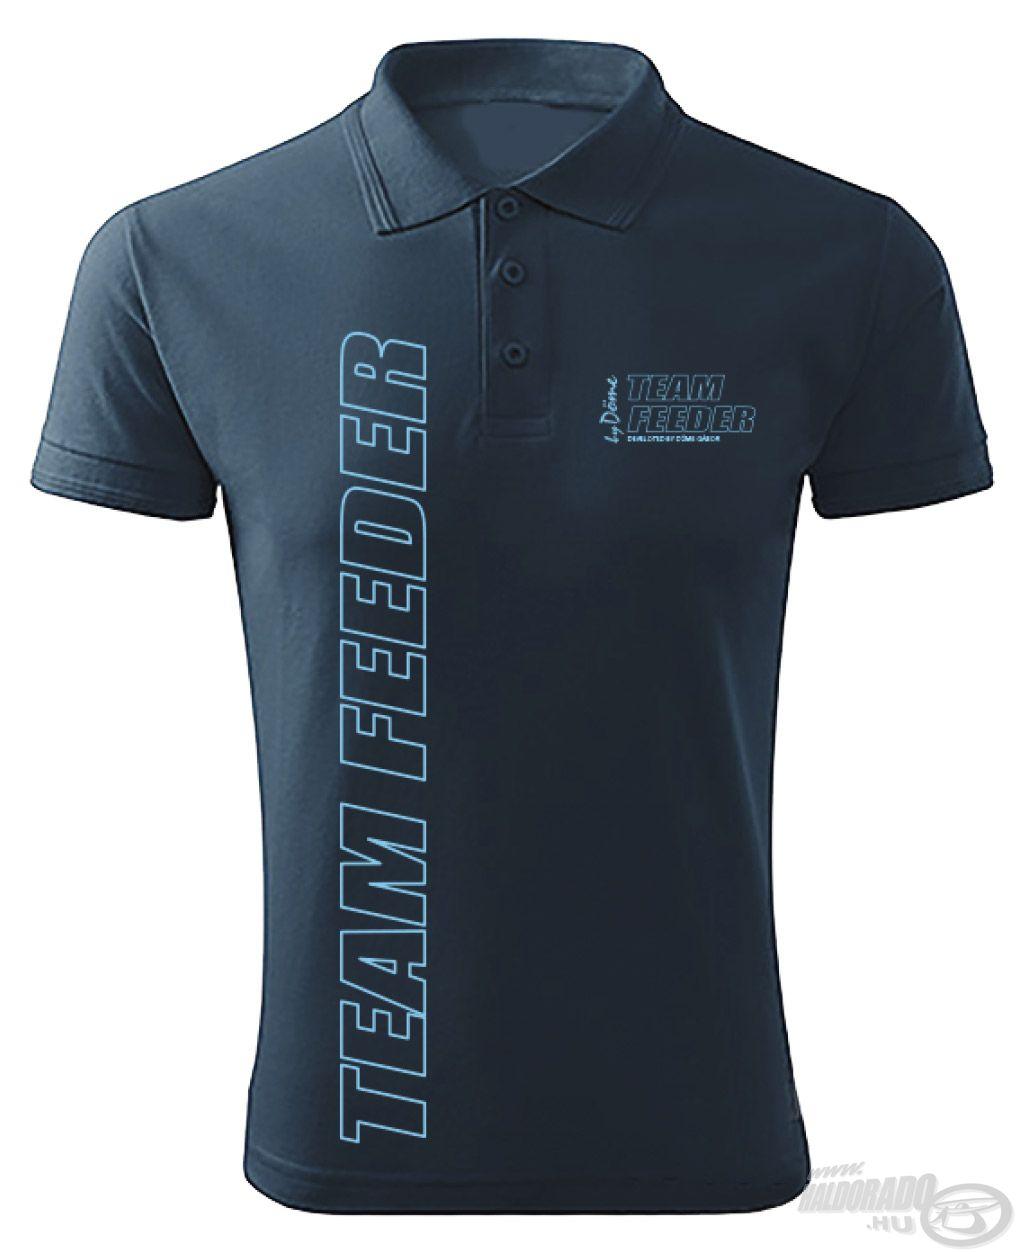 Nem hiányozhat a kollekcióból a galléros póló sem, melyen szintén három világosabb kék embléma található a sötétkék alapon